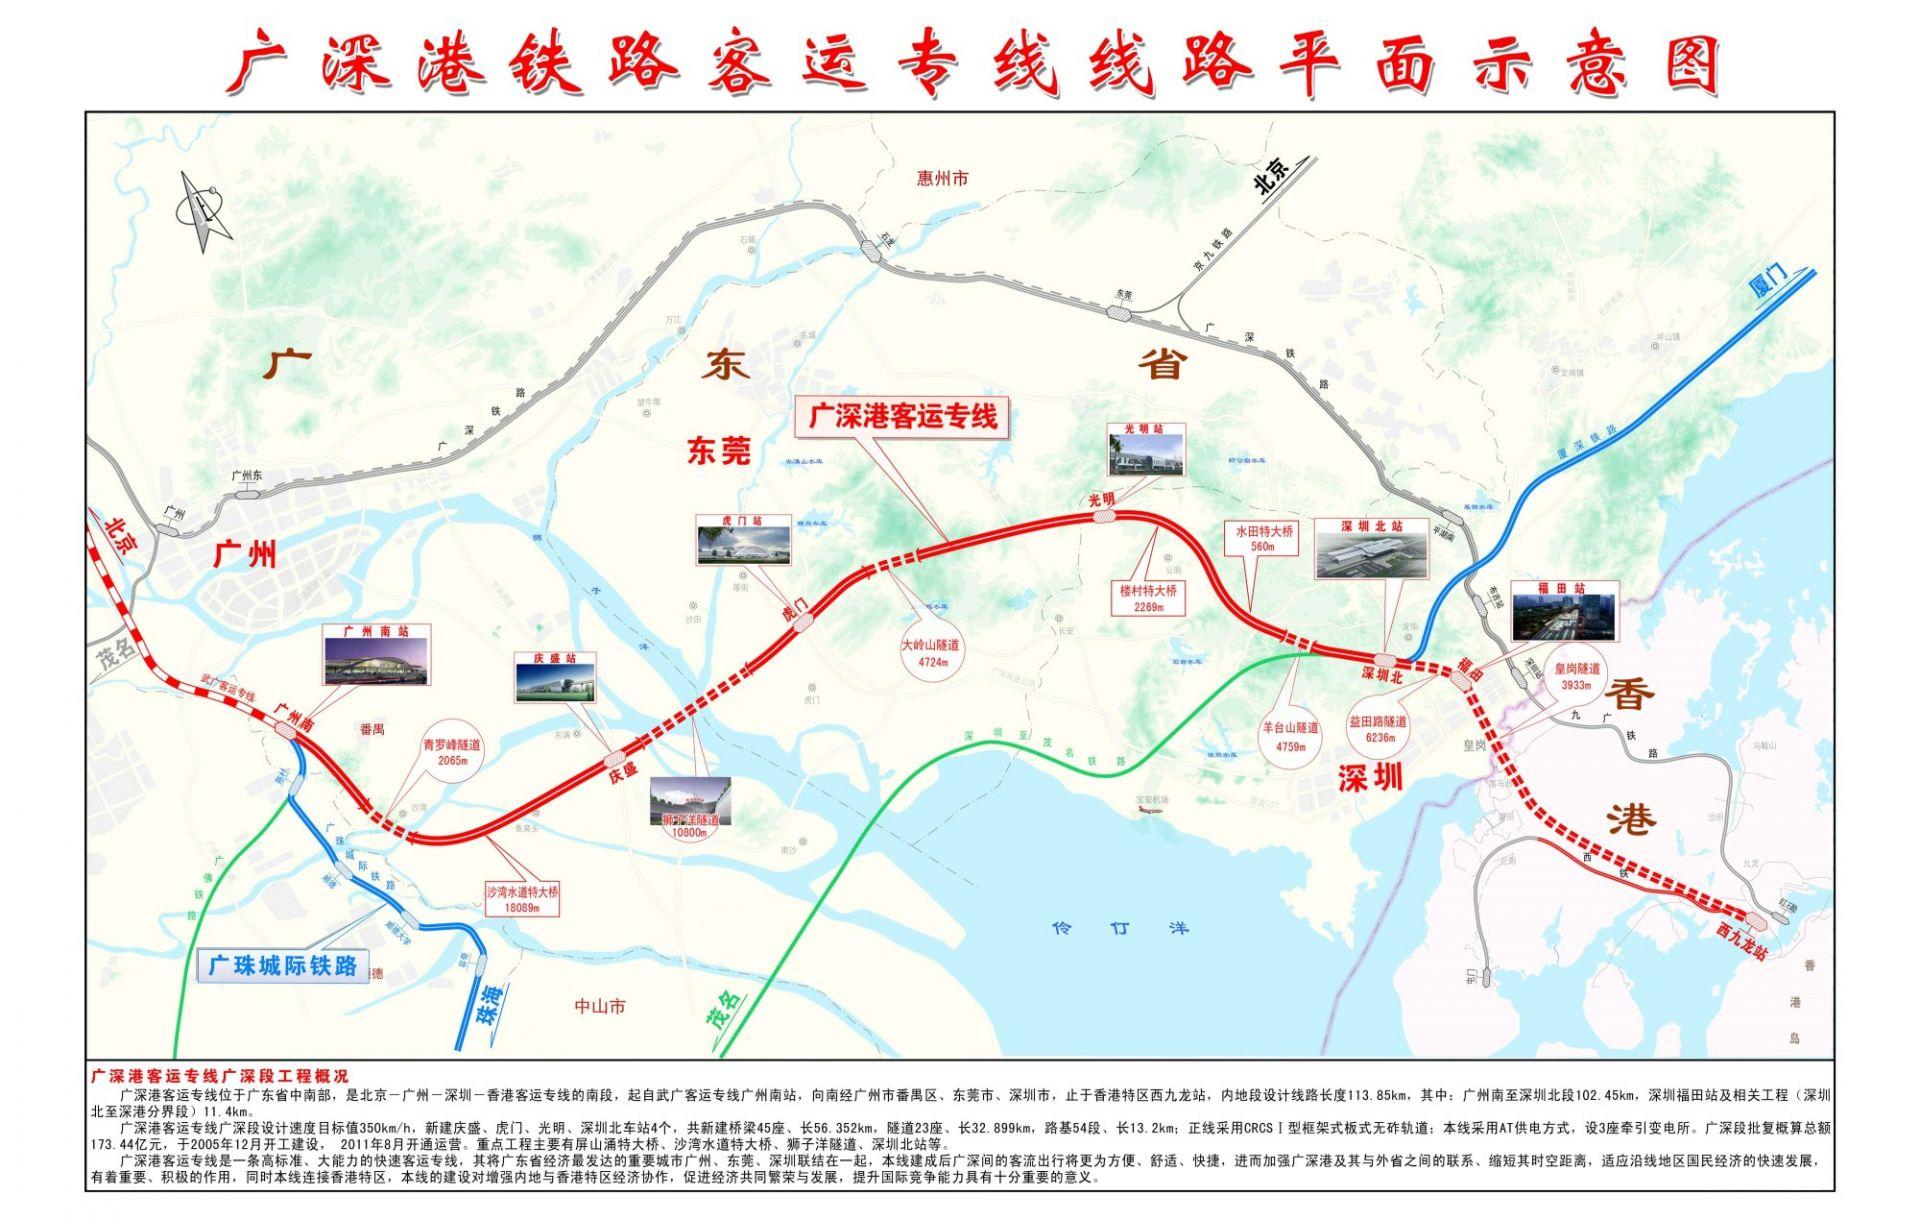 其中广州南站至福田站内地段线路长约114公里;香港段自深圳河至西九龙